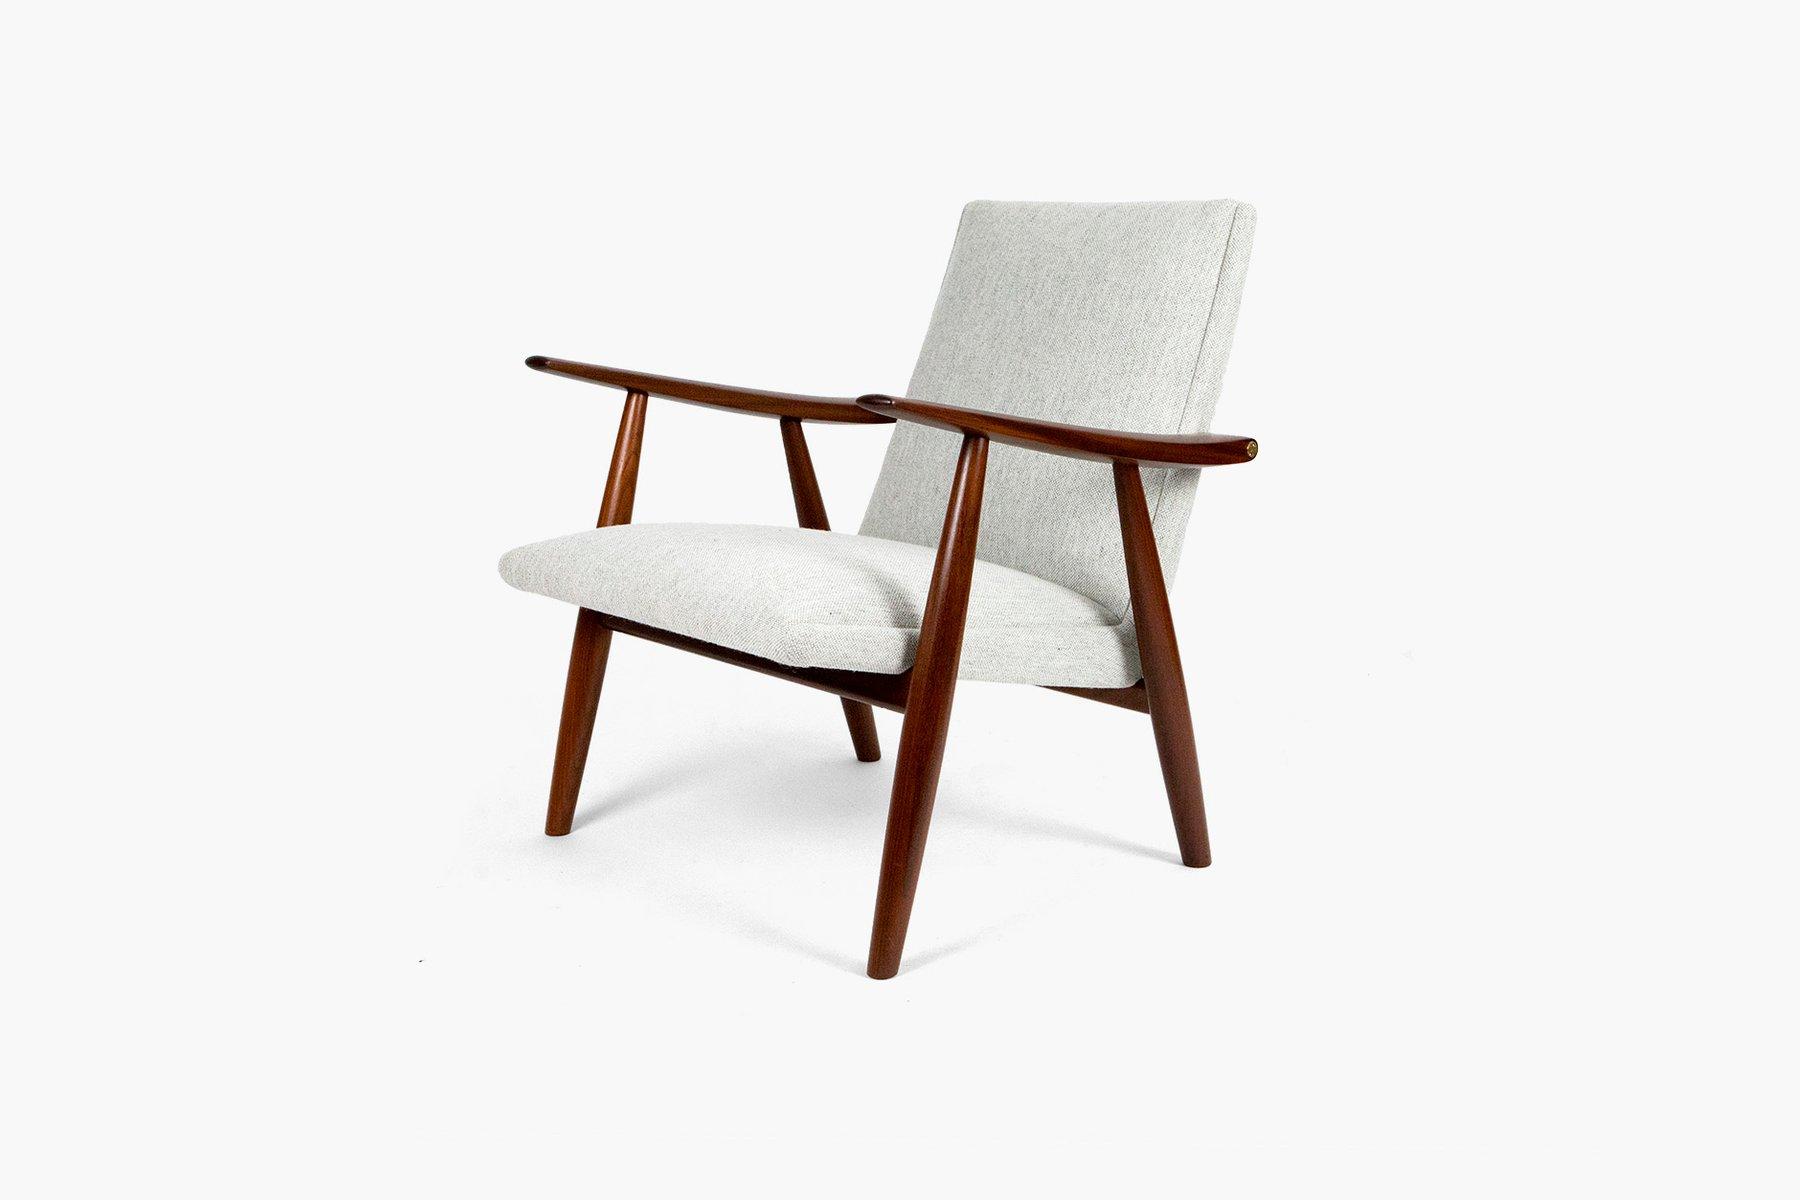 ge 260 teakholz sessel von hans j wegner f r getama. Black Bedroom Furniture Sets. Home Design Ideas